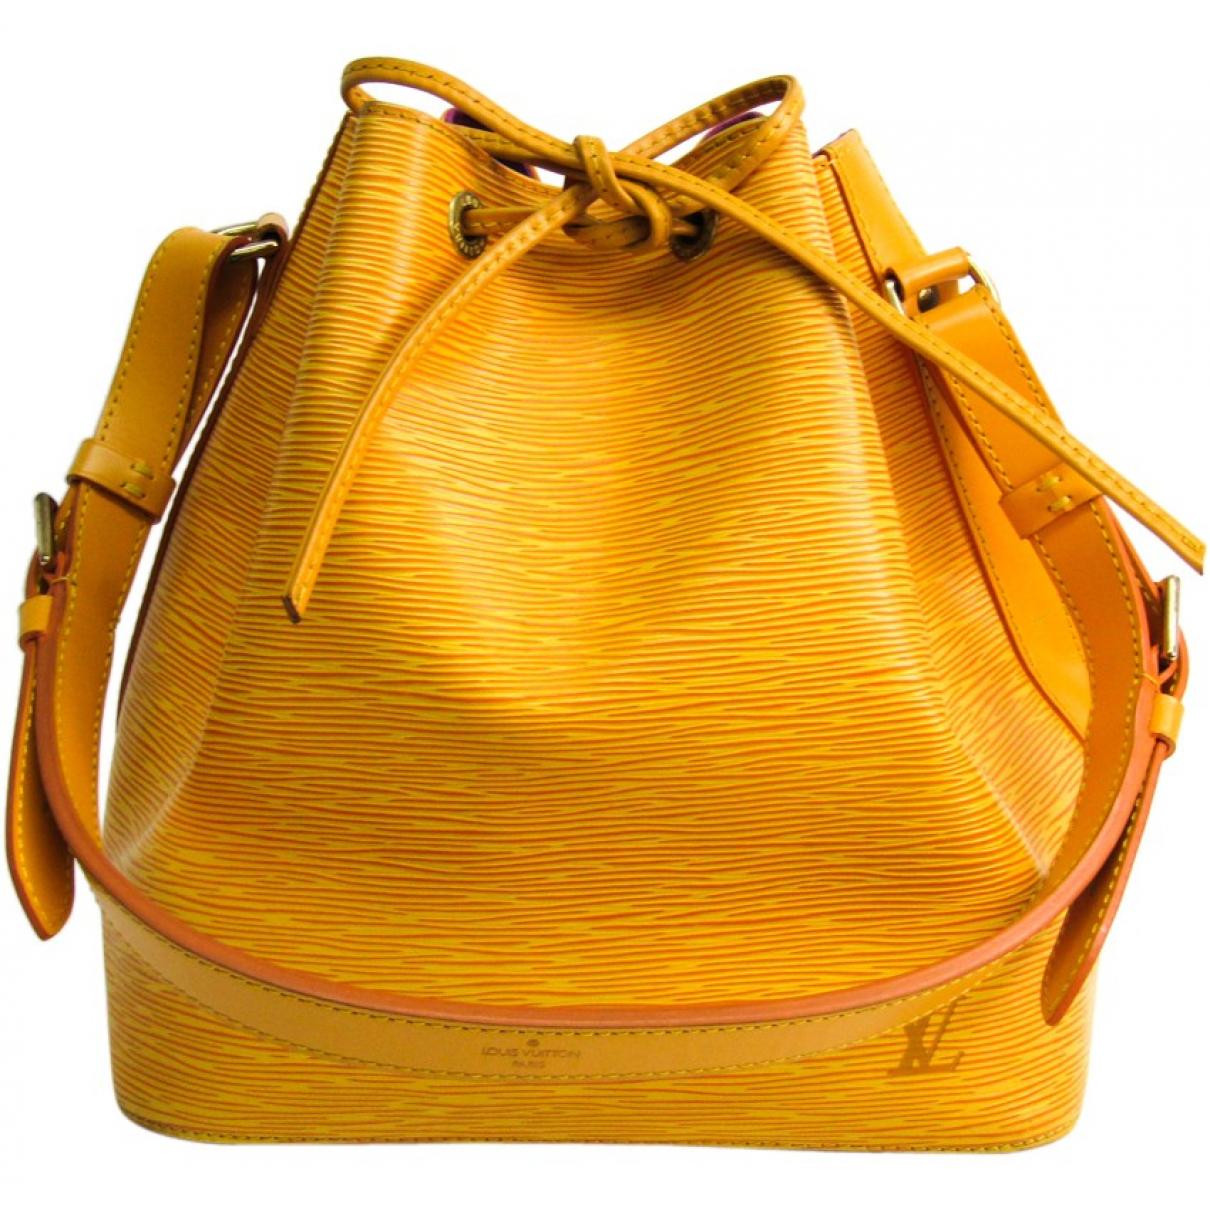 Louis Vuitton Noe Handtasche in  Gelb Leder